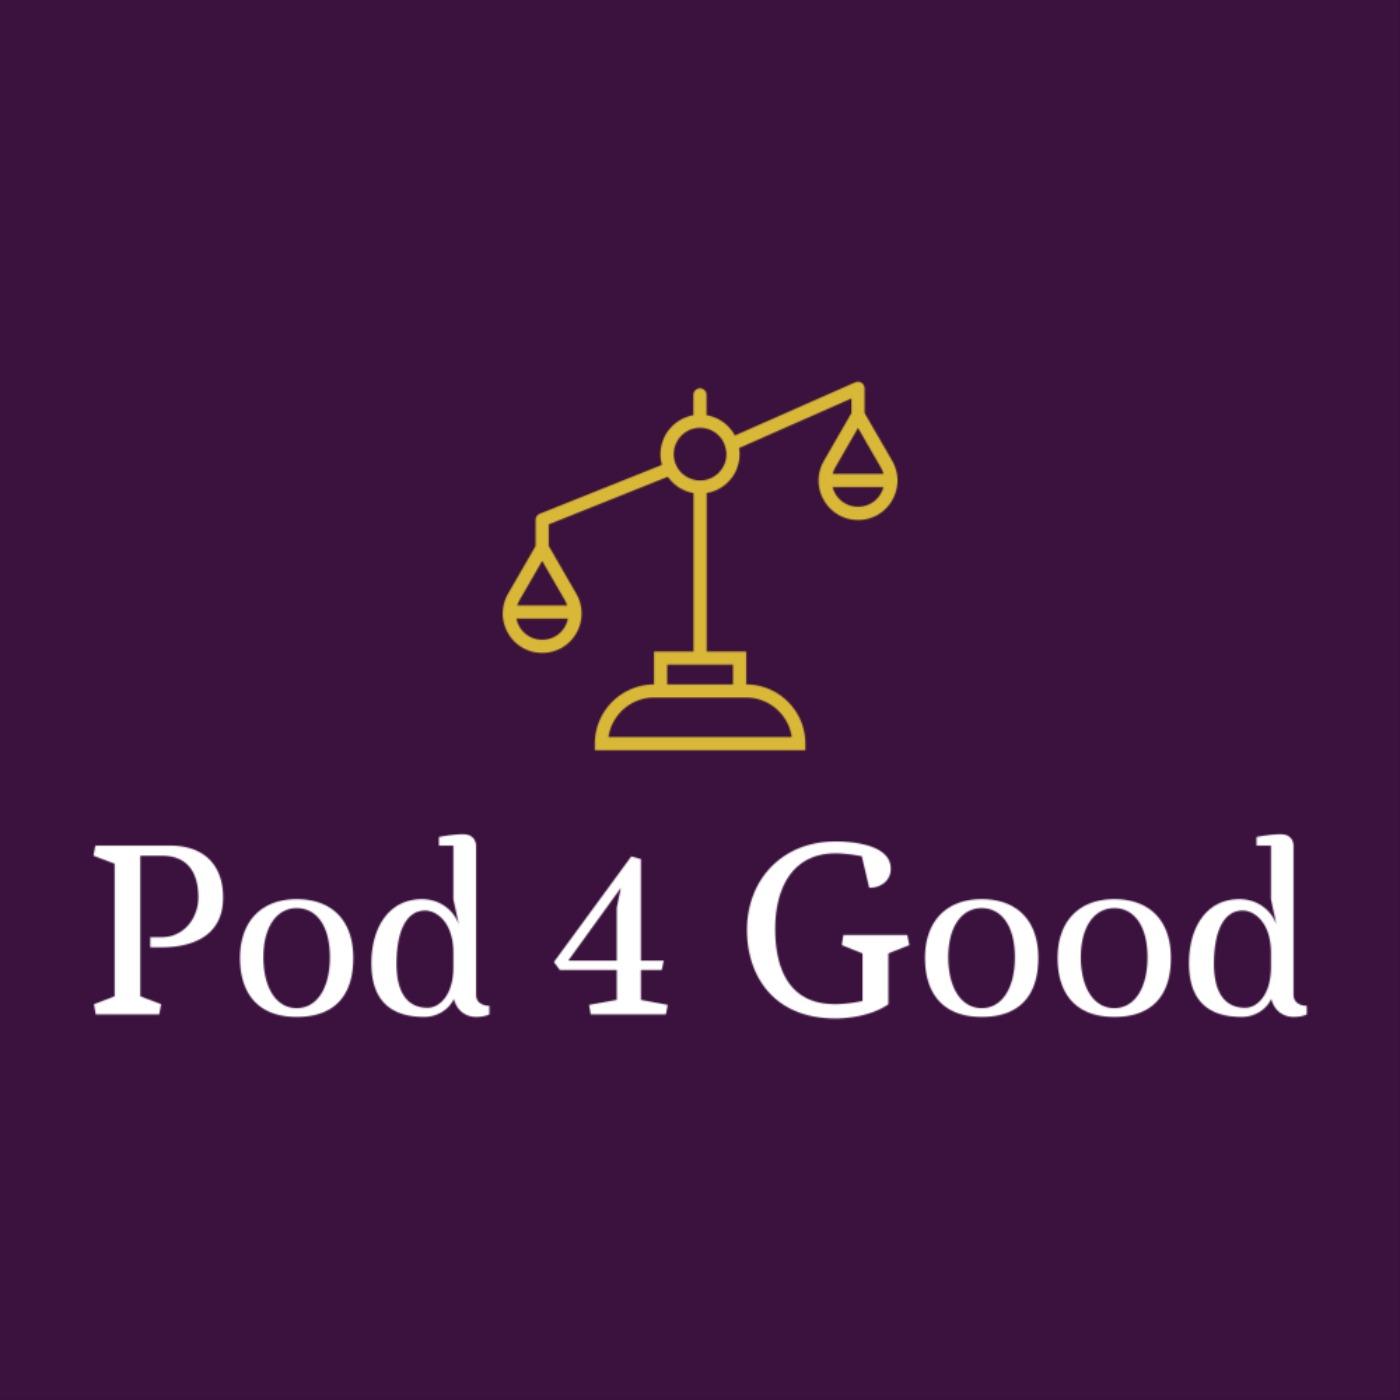 Artwork for podcast Pod 4 Good